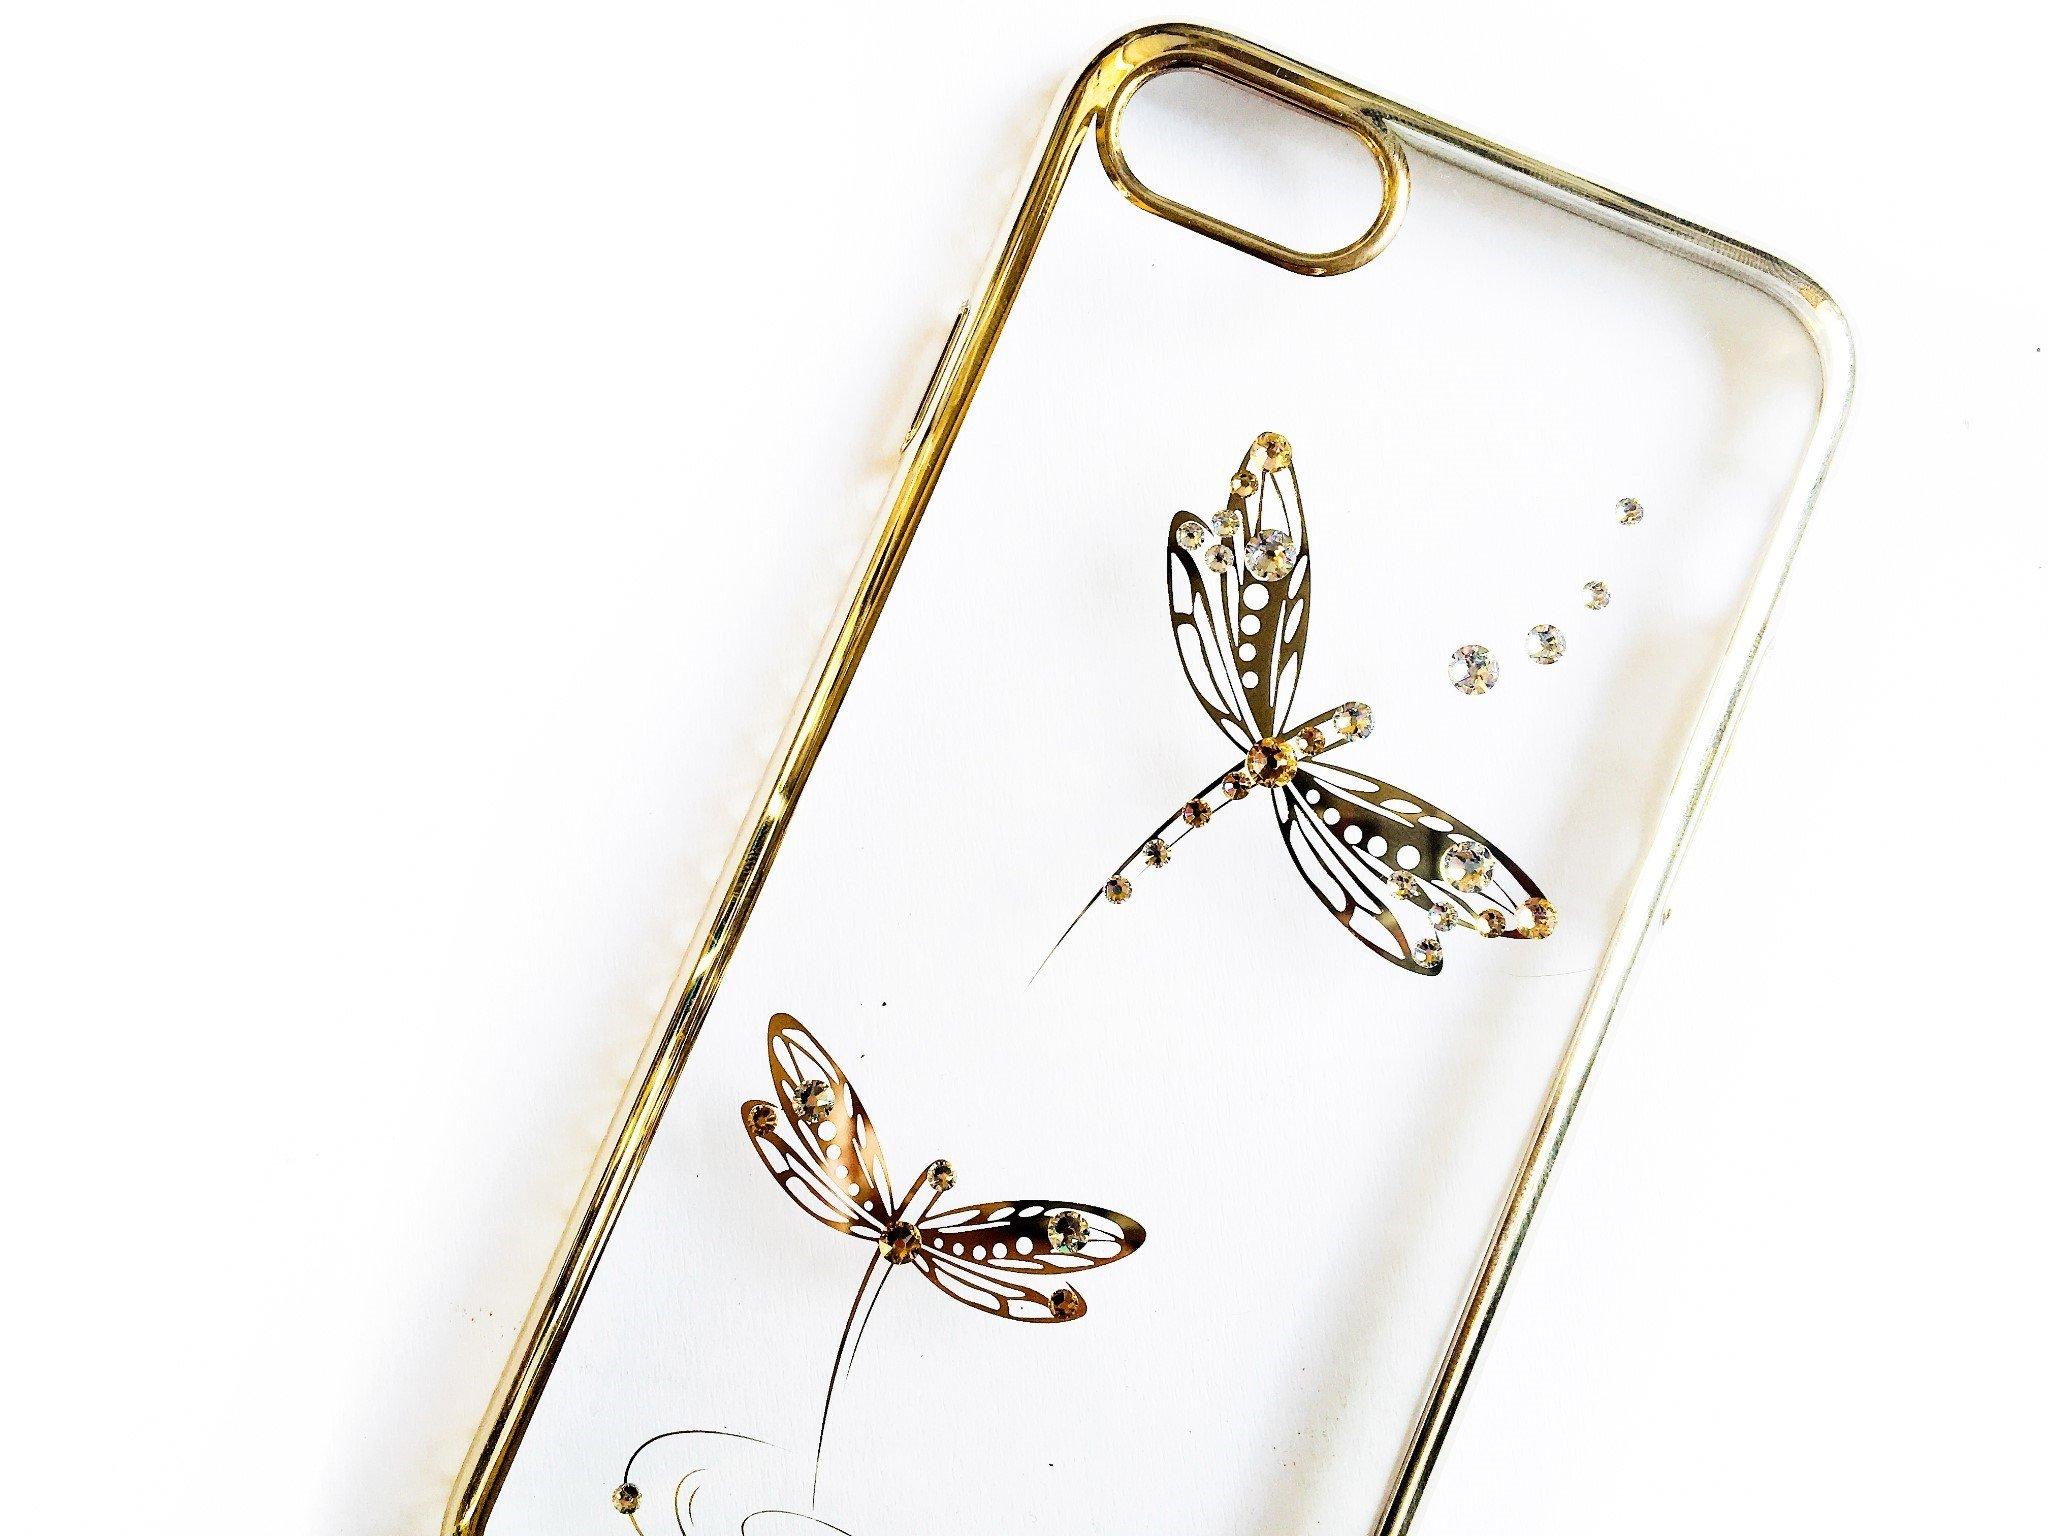 Ốp lưng iPhone 8 / iPhone 7 Tuxedo Crystal đính đá Swarovski in hình Chuồn chuồn vàng